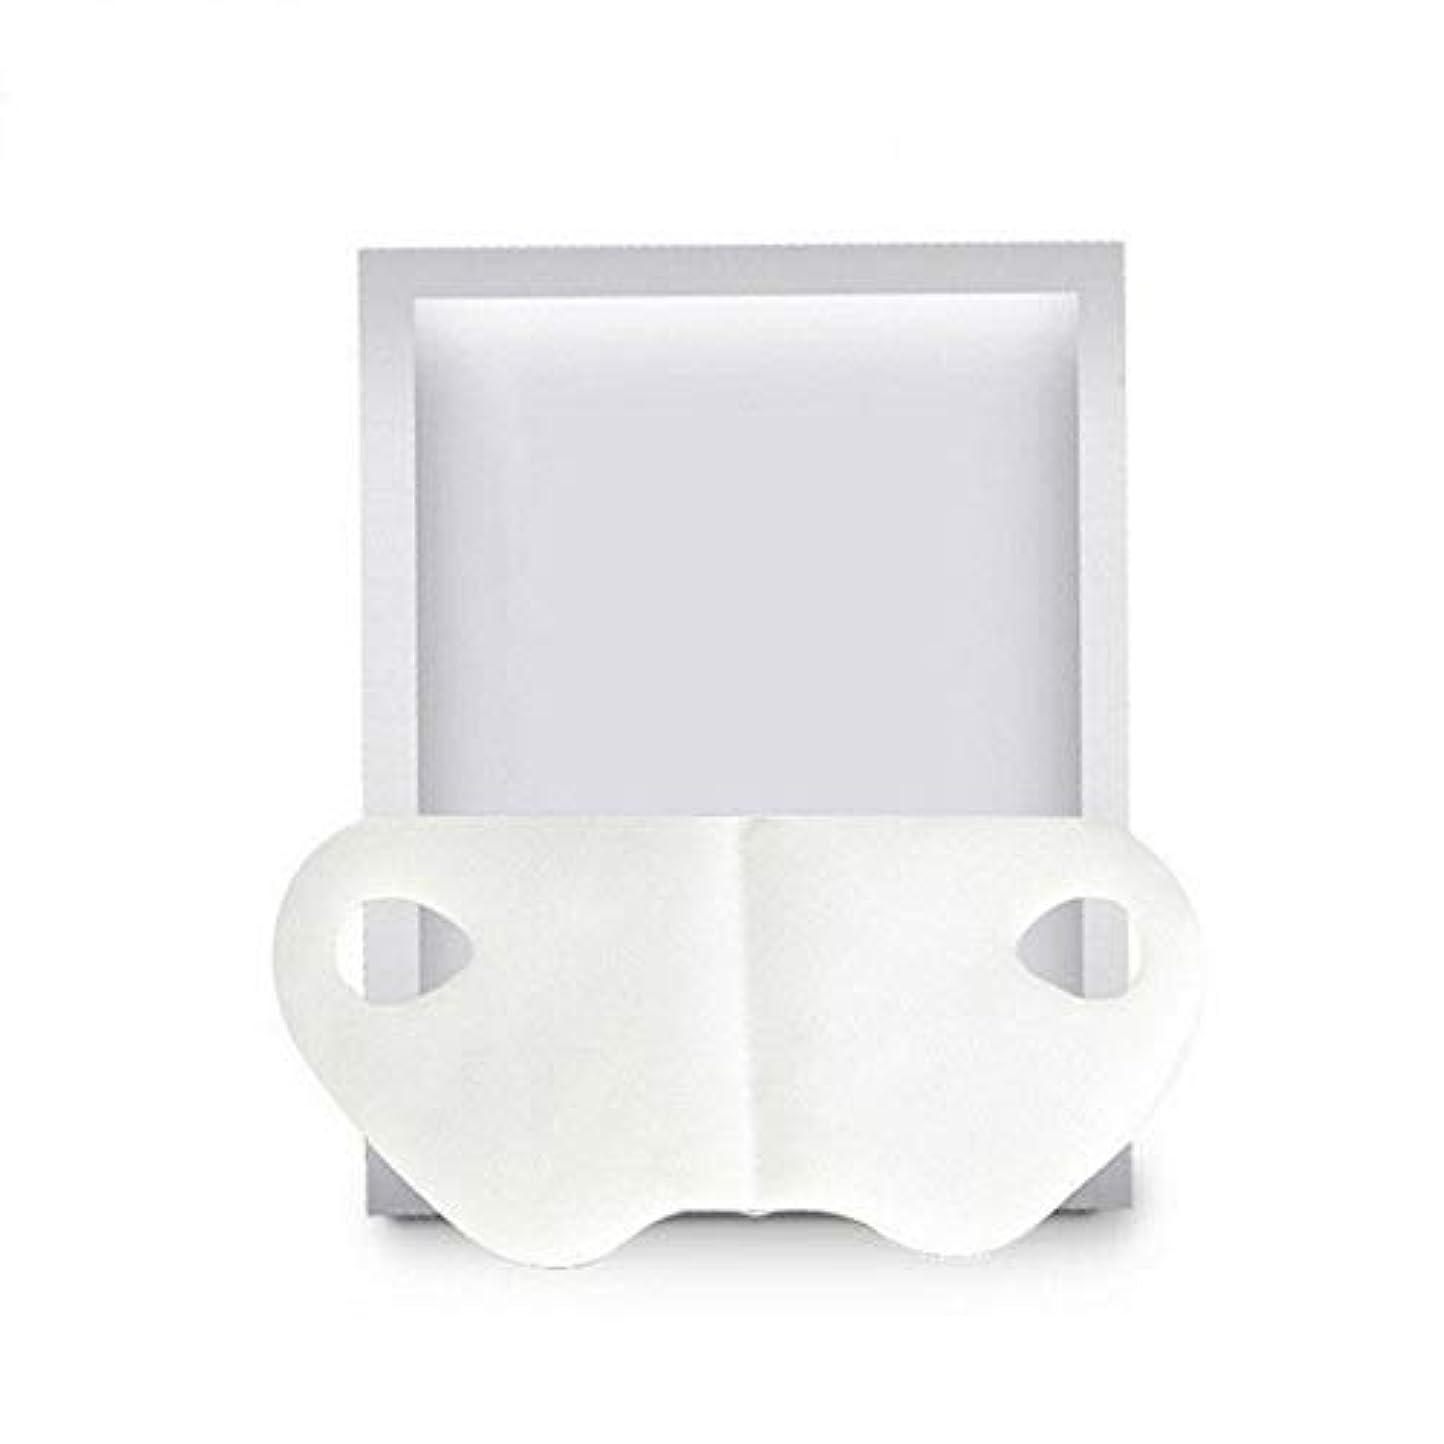 連続した思われる熱狂的なFuntoget   保湿フェイスファーミングマスクをホワイトニングするV字型スリミングフェイスマスク